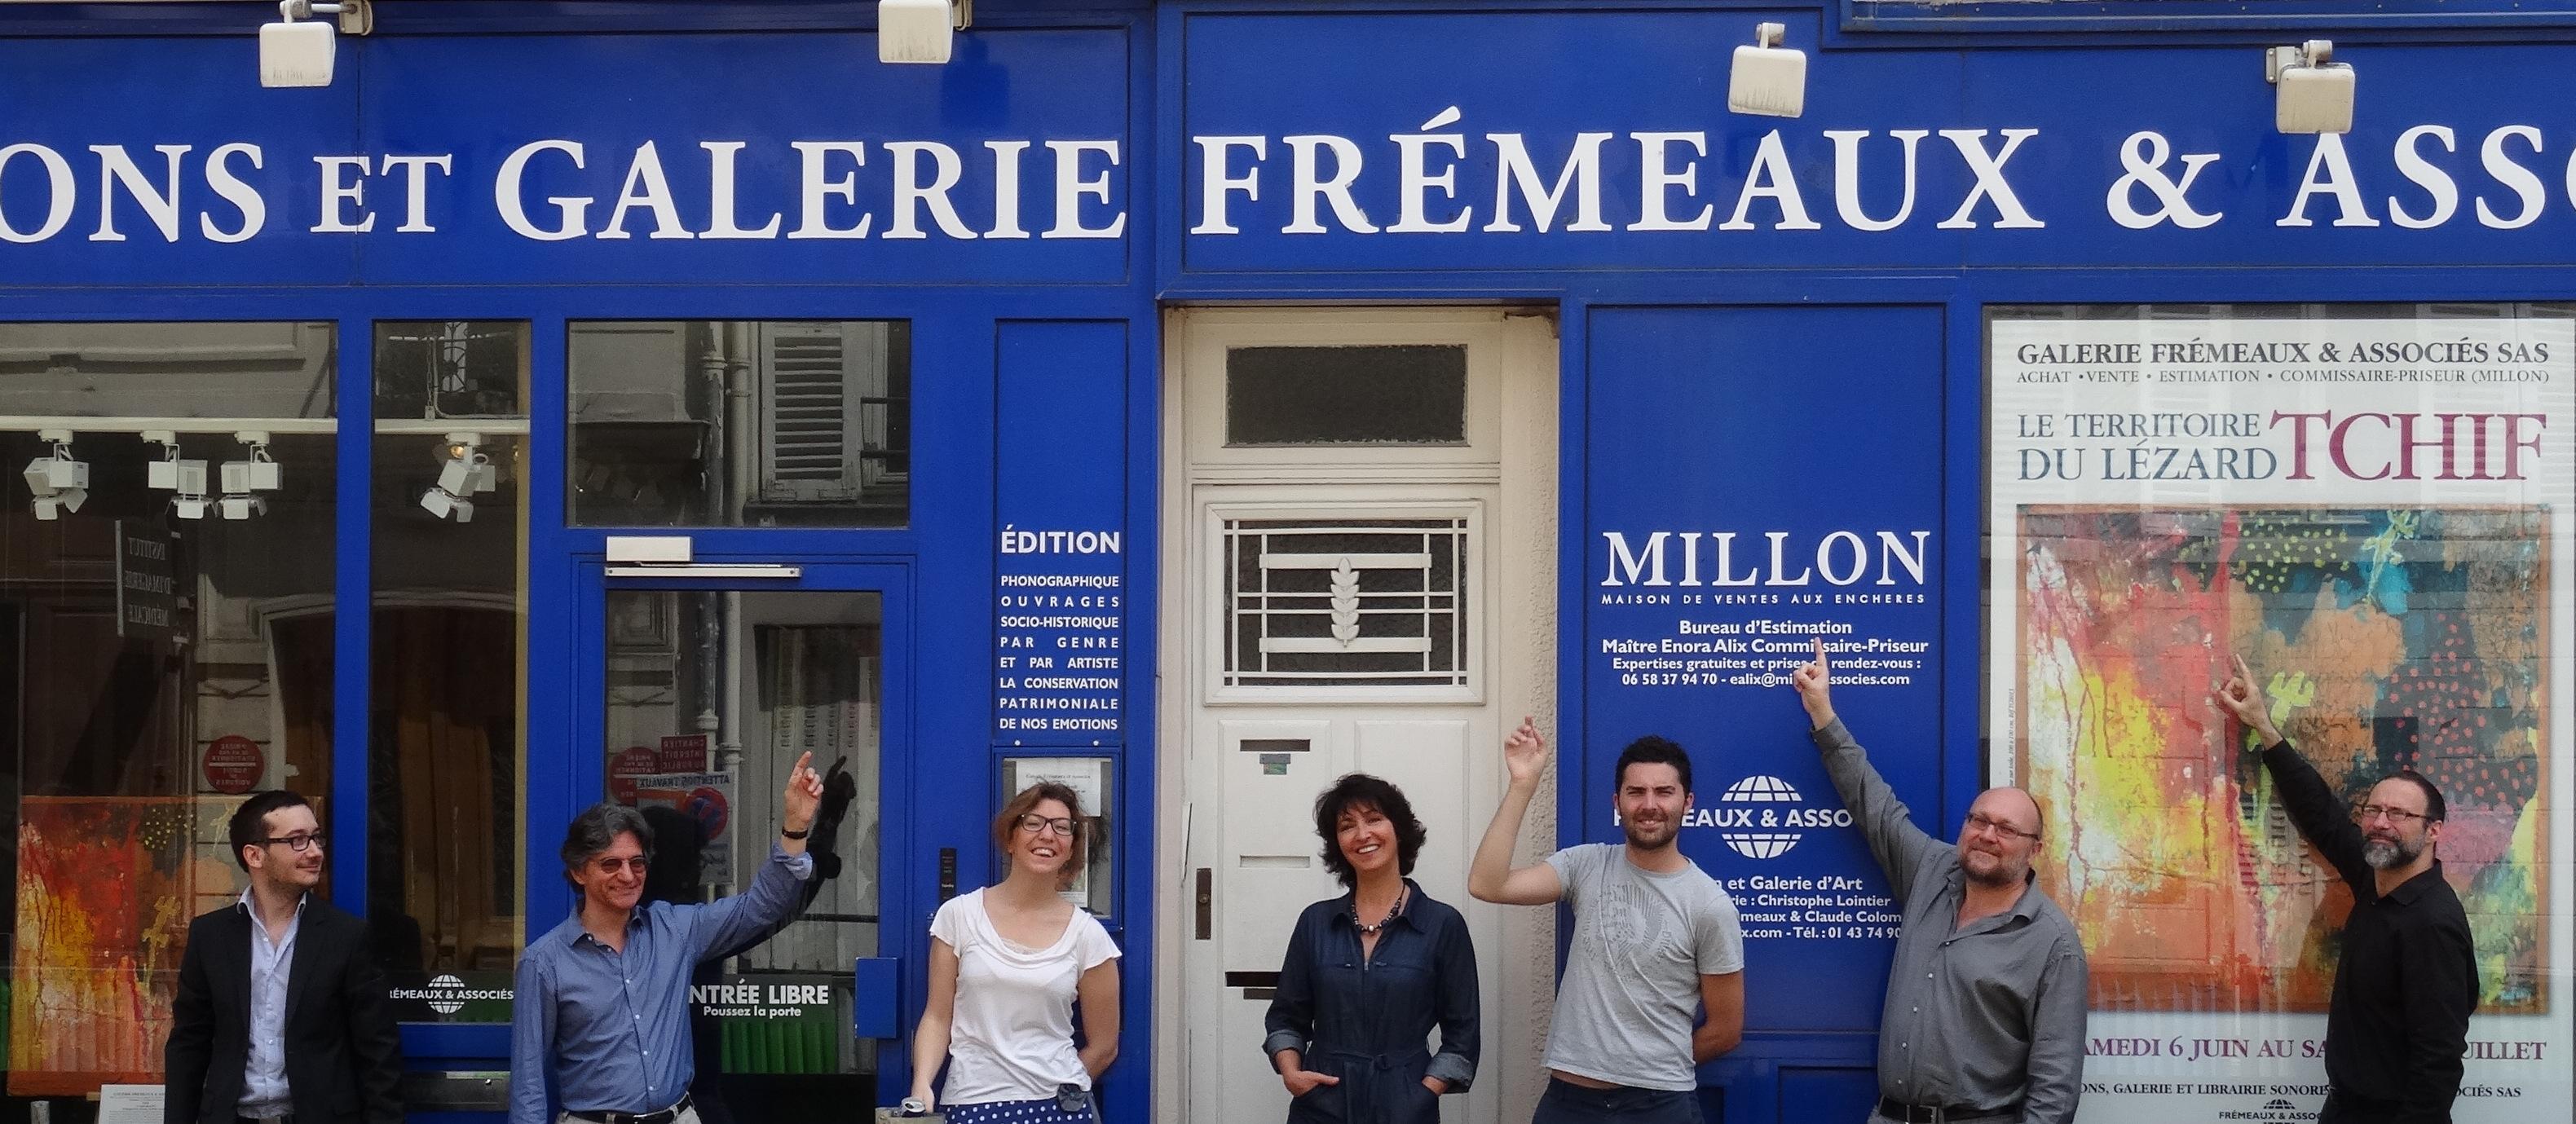 L'équipe de la Galerie Frémeaux